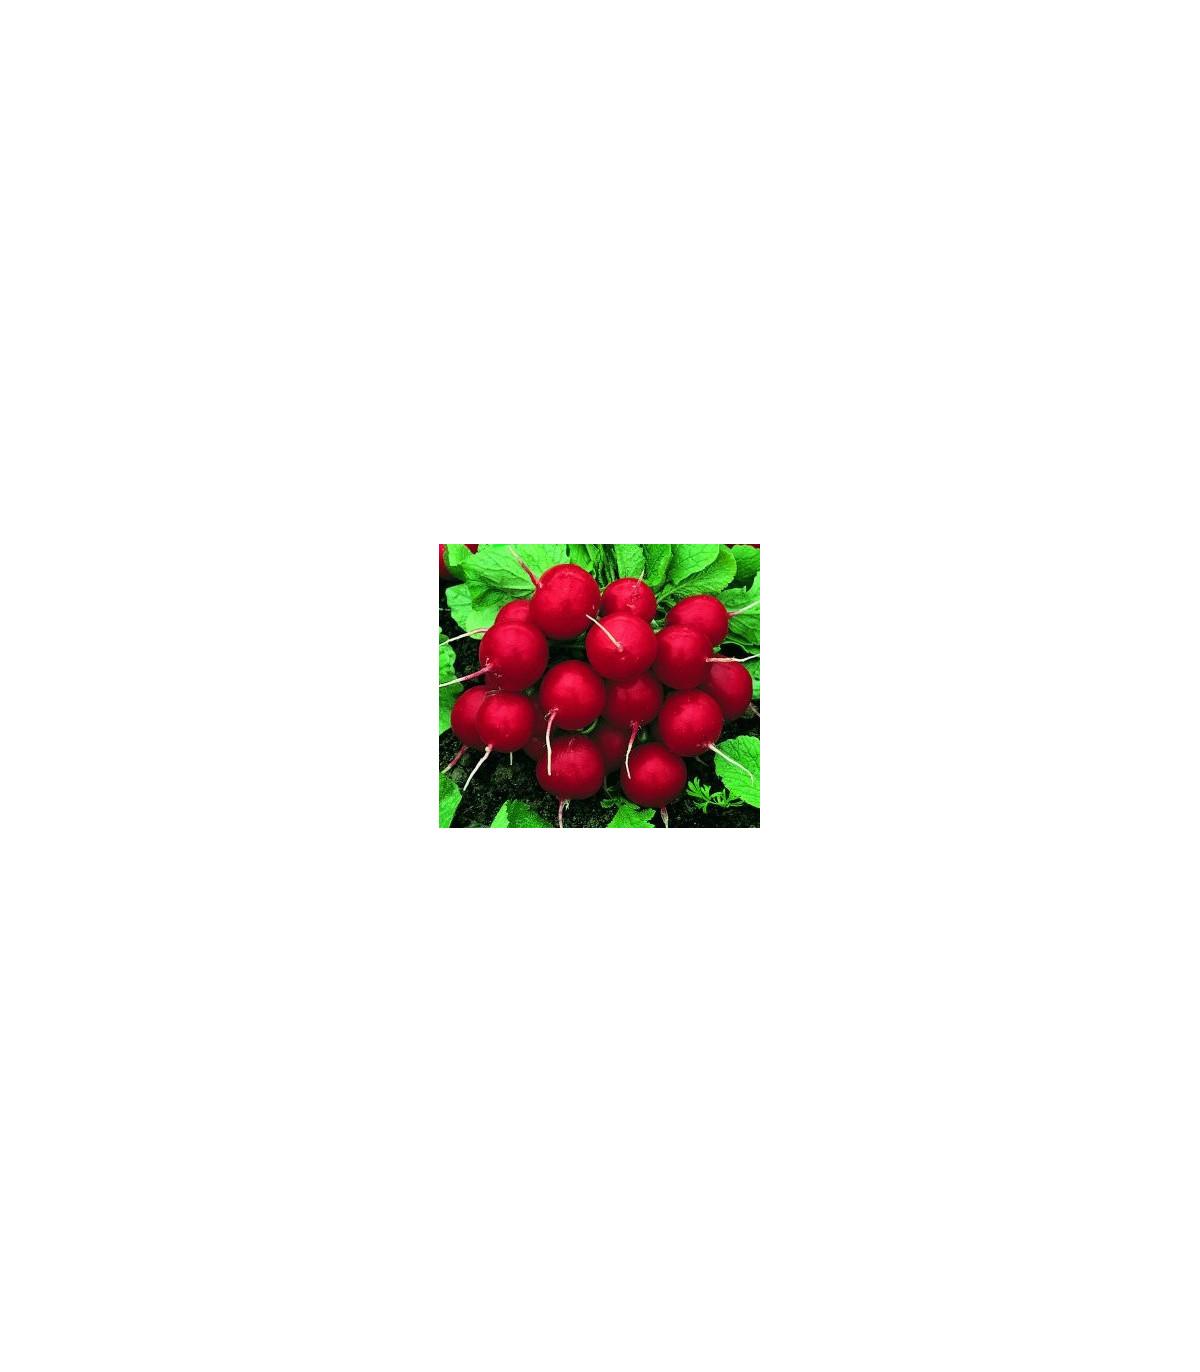 Ředkvička červená kulatá - Carnita - semena Ředkvičky - 50ks